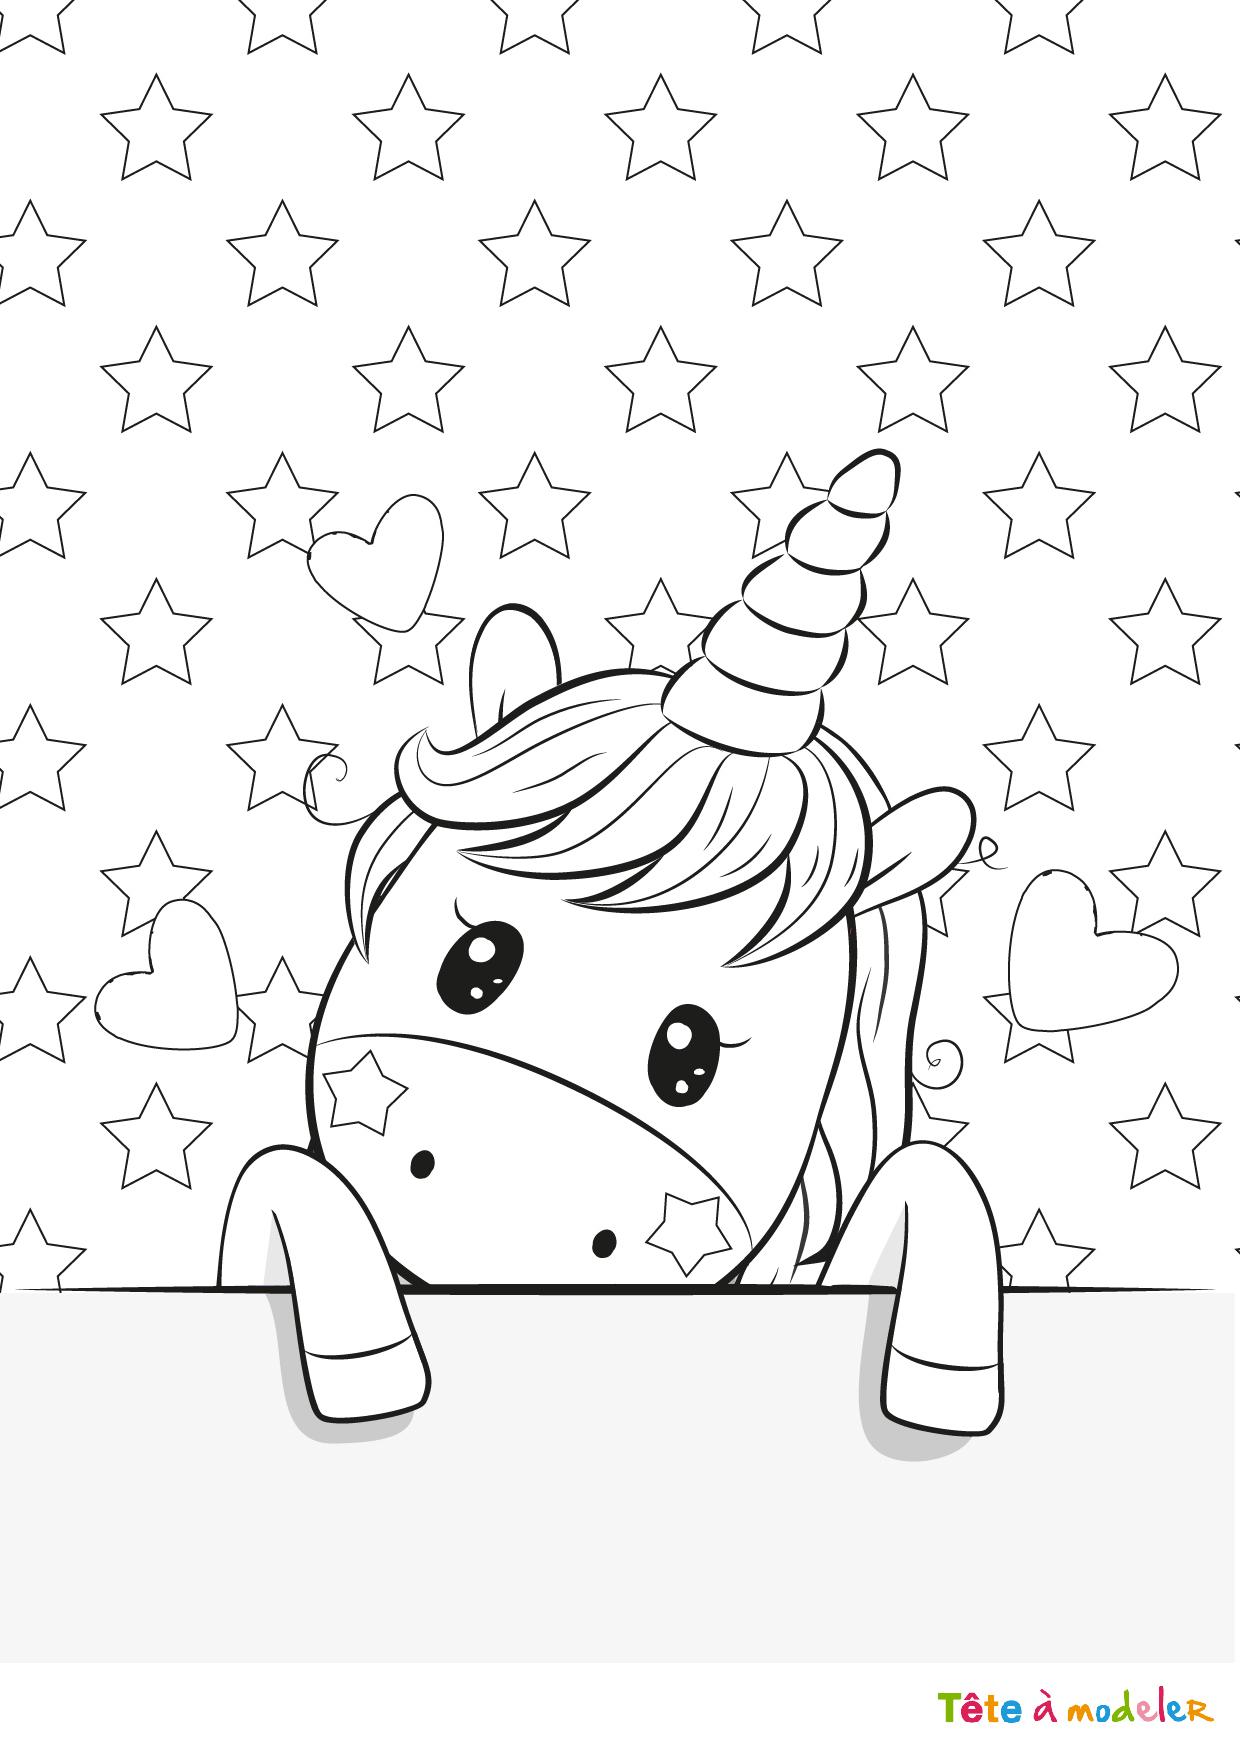 Coloriage Licorne #3 Avec Tête À Modeler pour Jeux De Coloriage Licorne